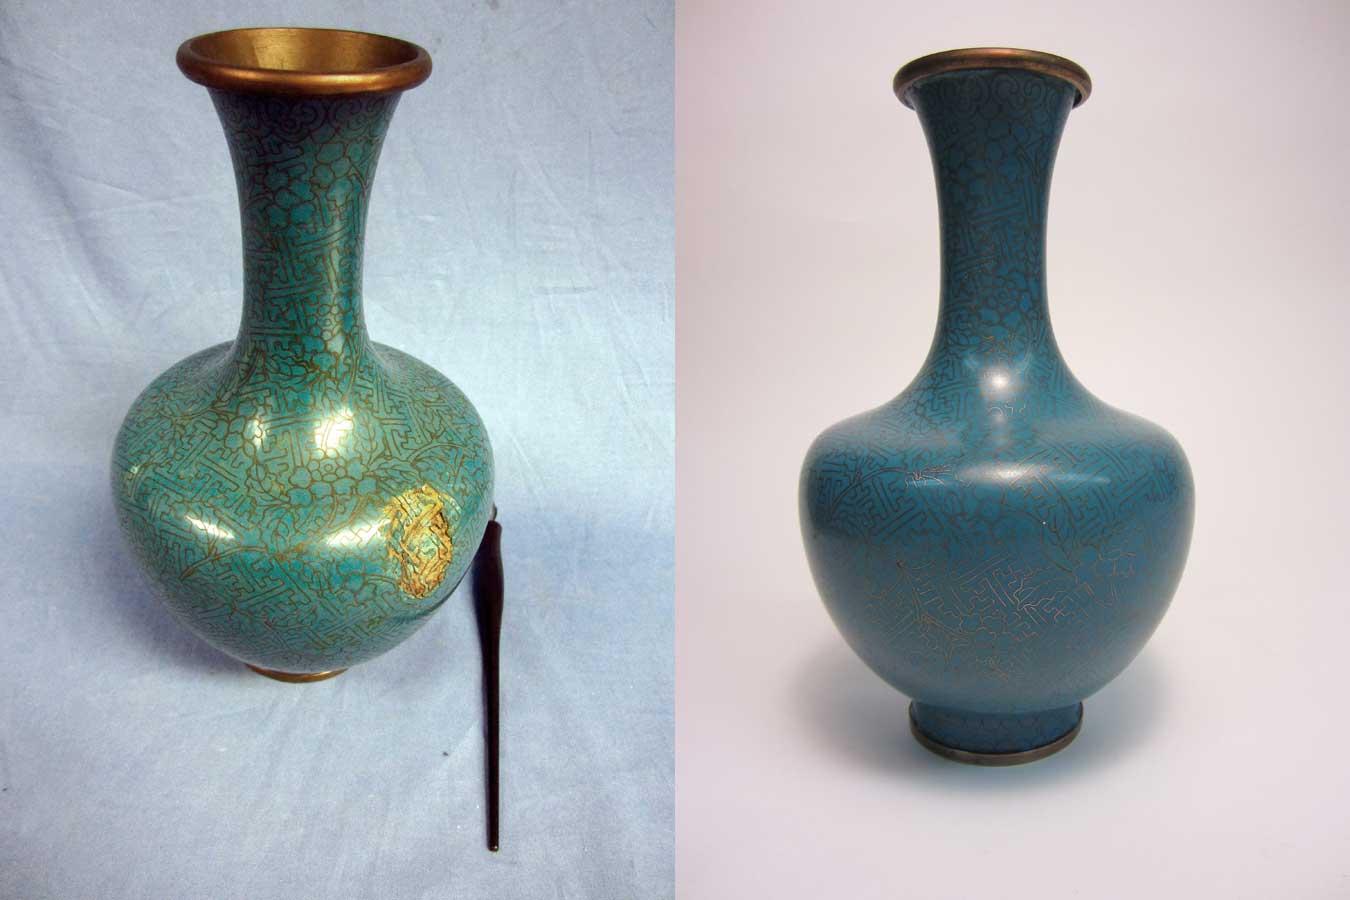 Japanese cloisonne vase 900 baf